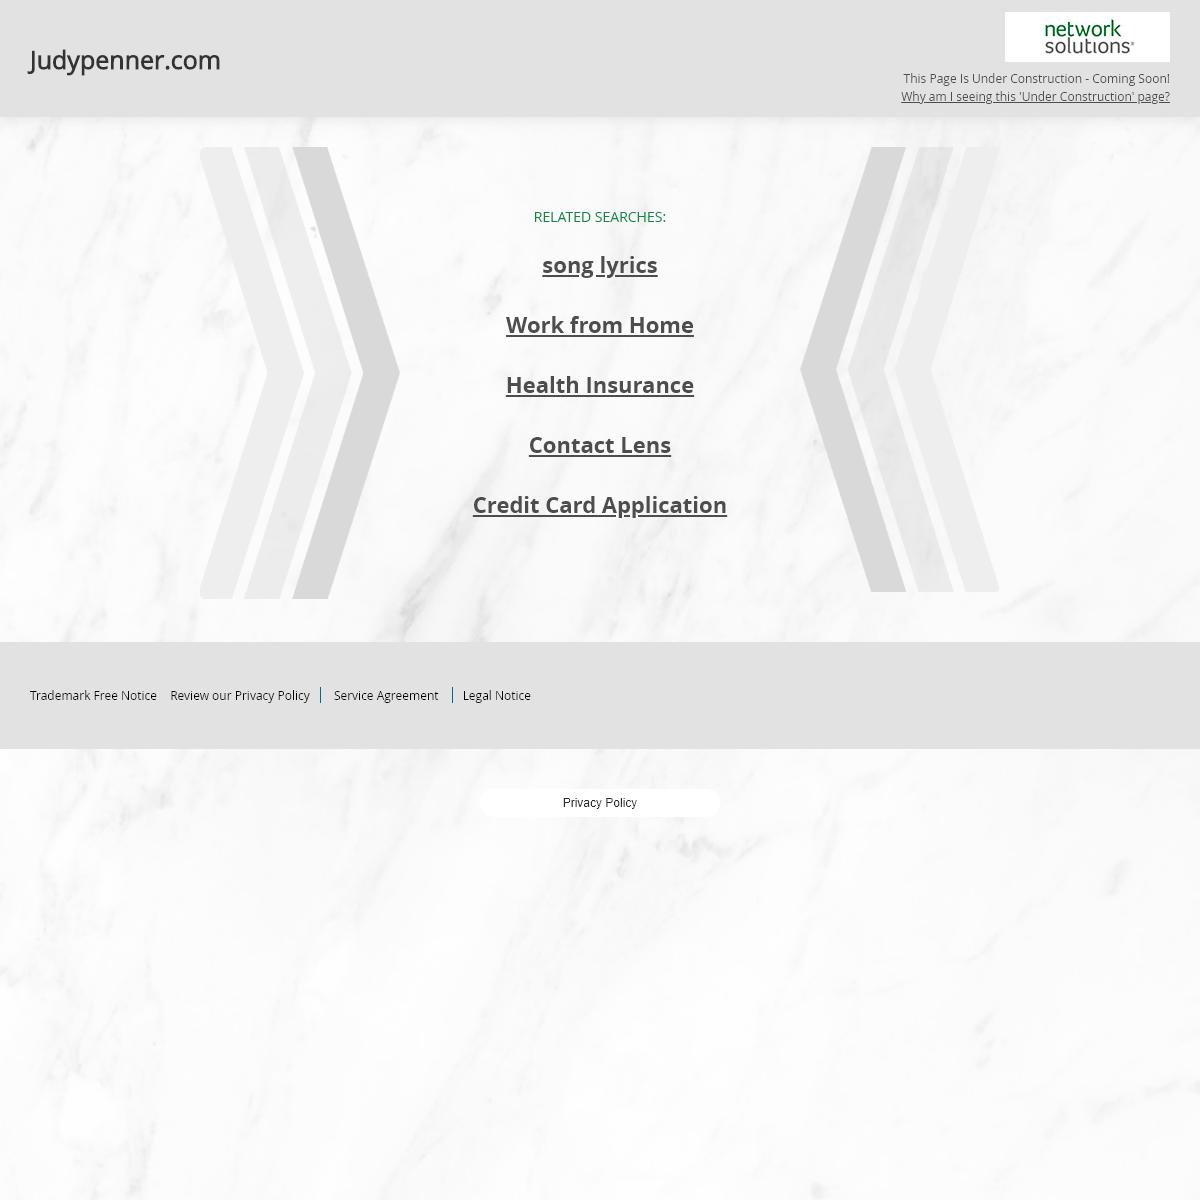 Judypenner.com